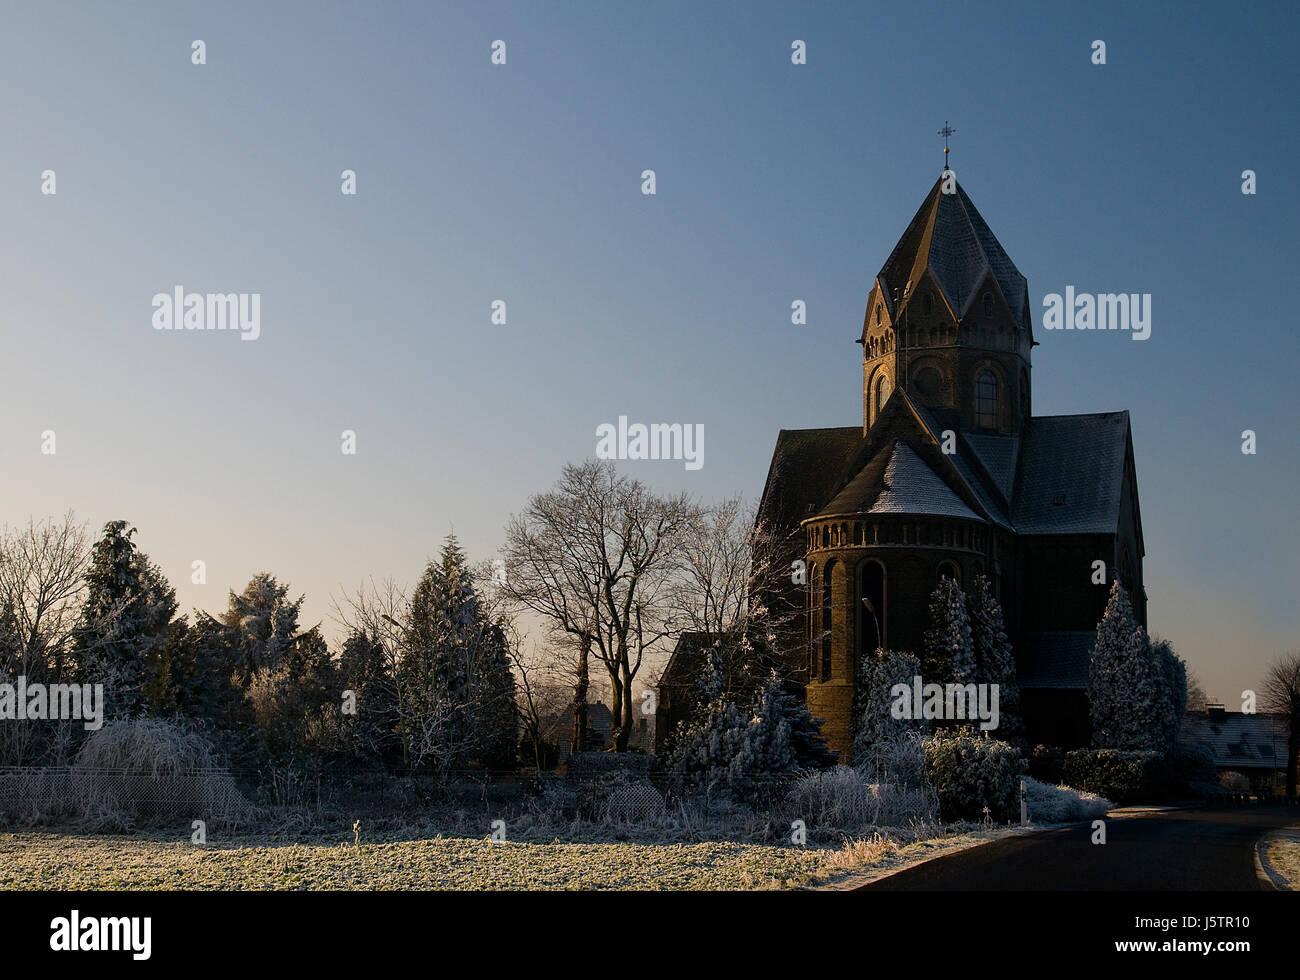 La Credenza Religiosa : Blu credenza religiosa chiesa paradiso invernale cattedrale